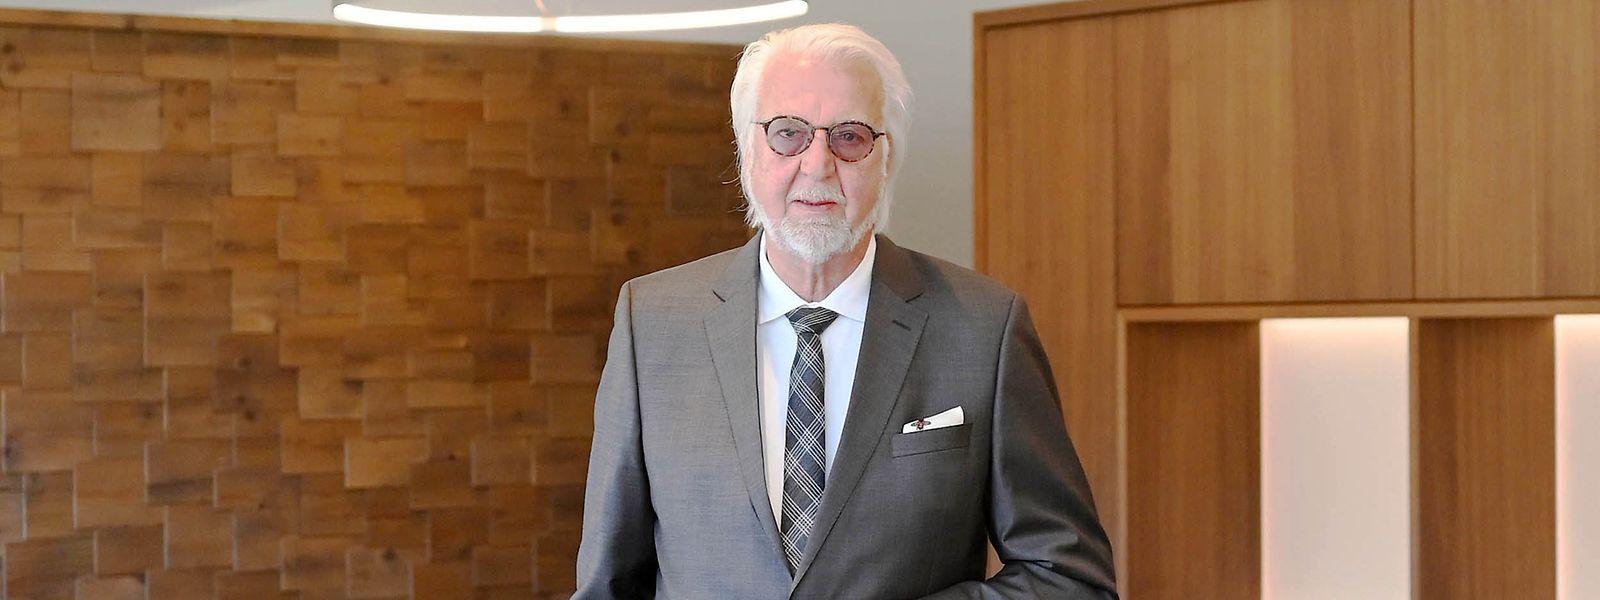 Heiner Finkbeiner, Seniorchef des Hotel Traube Tonbach.